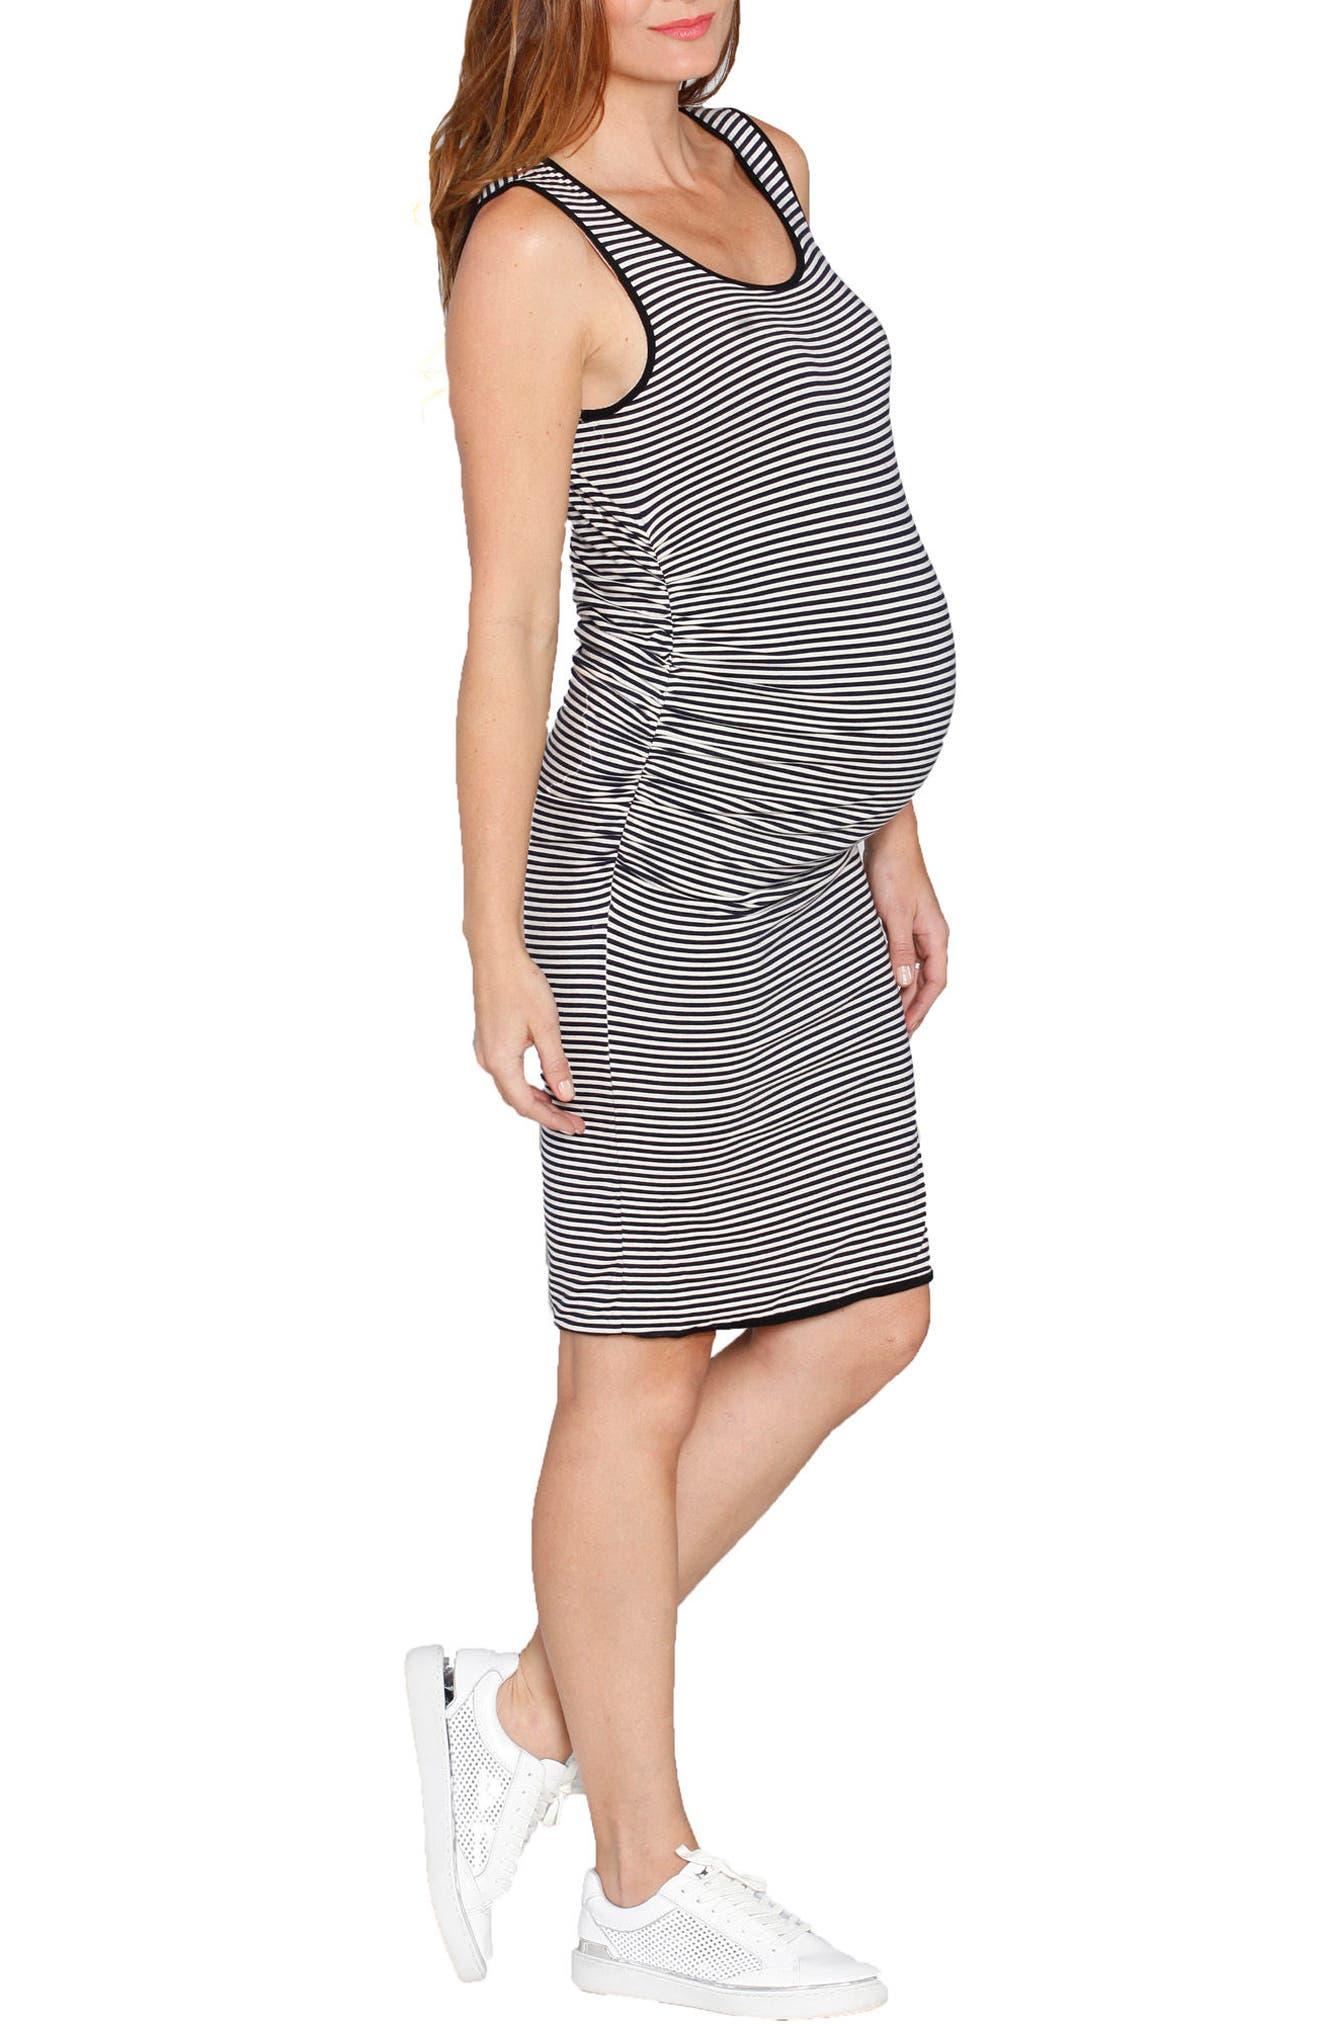 Reversible Maternity Tank Dress,                             Alternate thumbnail 4, color,                             STRIPES